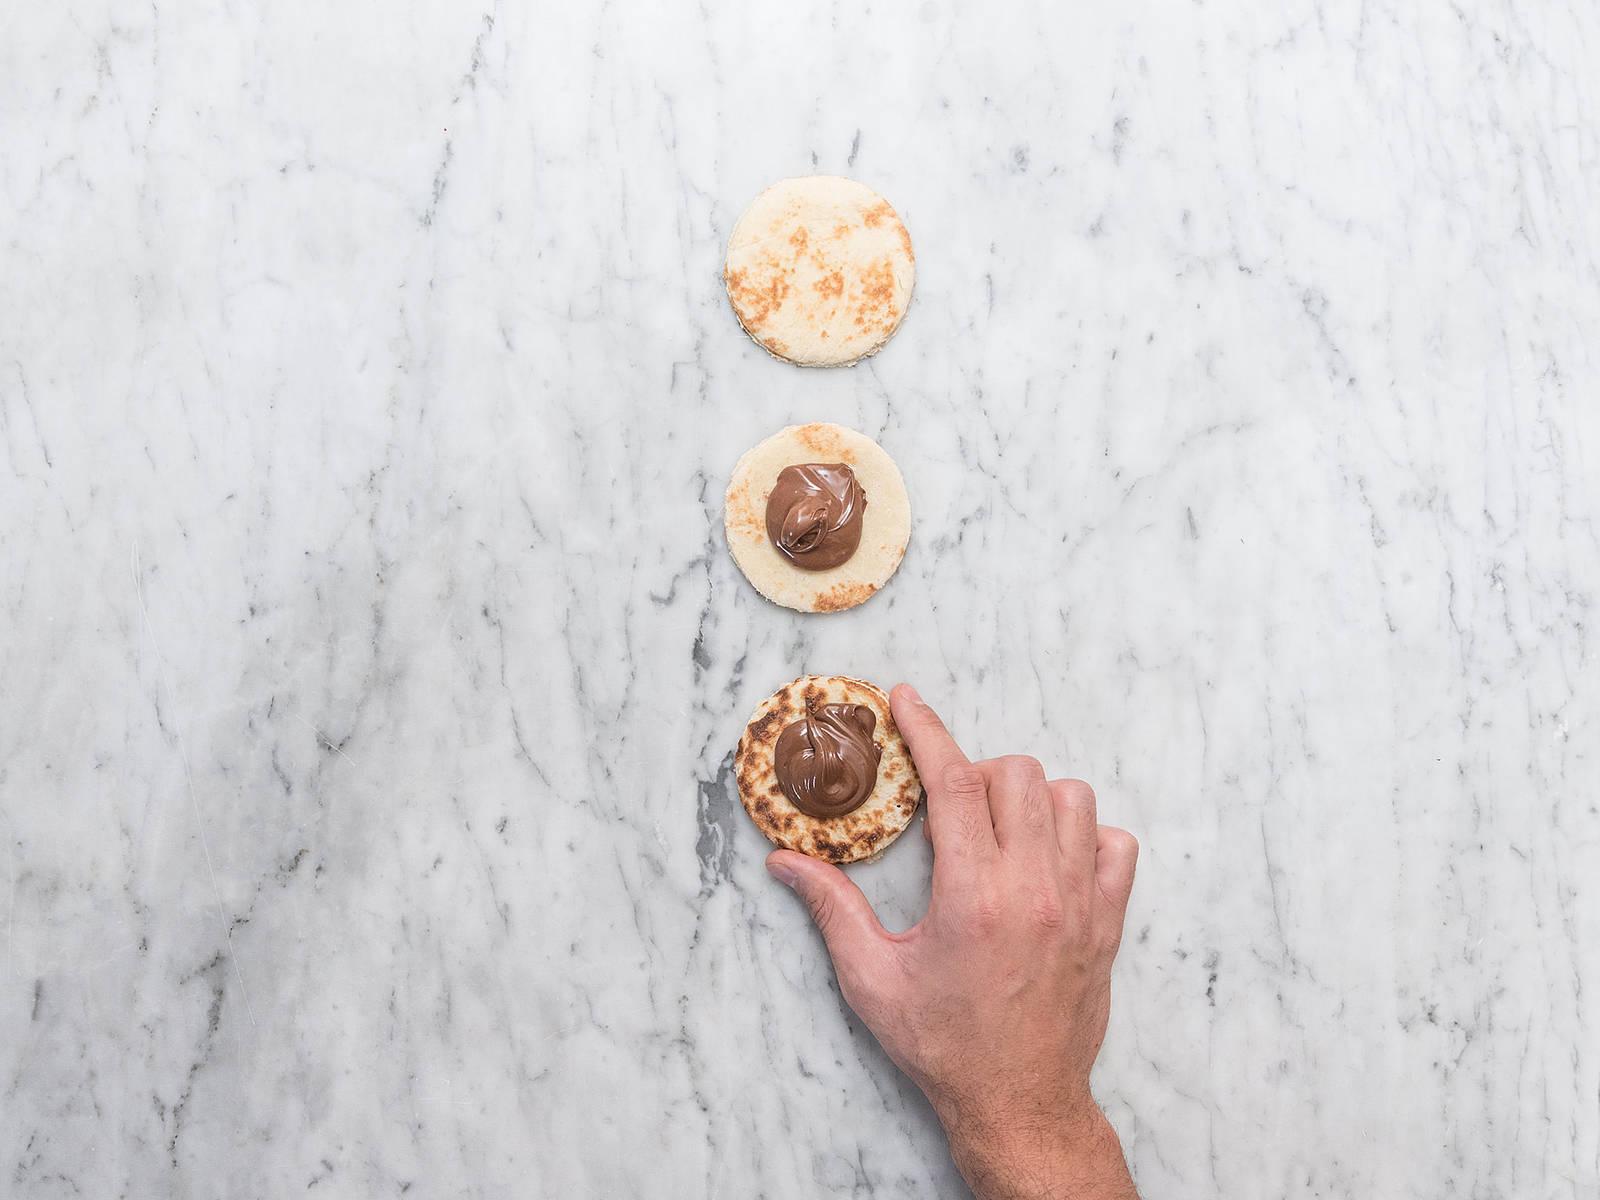 Mehl, Eigelb und Pankobrösel jeweils in eine Schüssel füllen. Die Naan-Schokoladen-Sandwiches erst in Mehl, dann in Eigelb und als letztes in Pankobrösel einlegen, bis alles schön bedeckt ist.